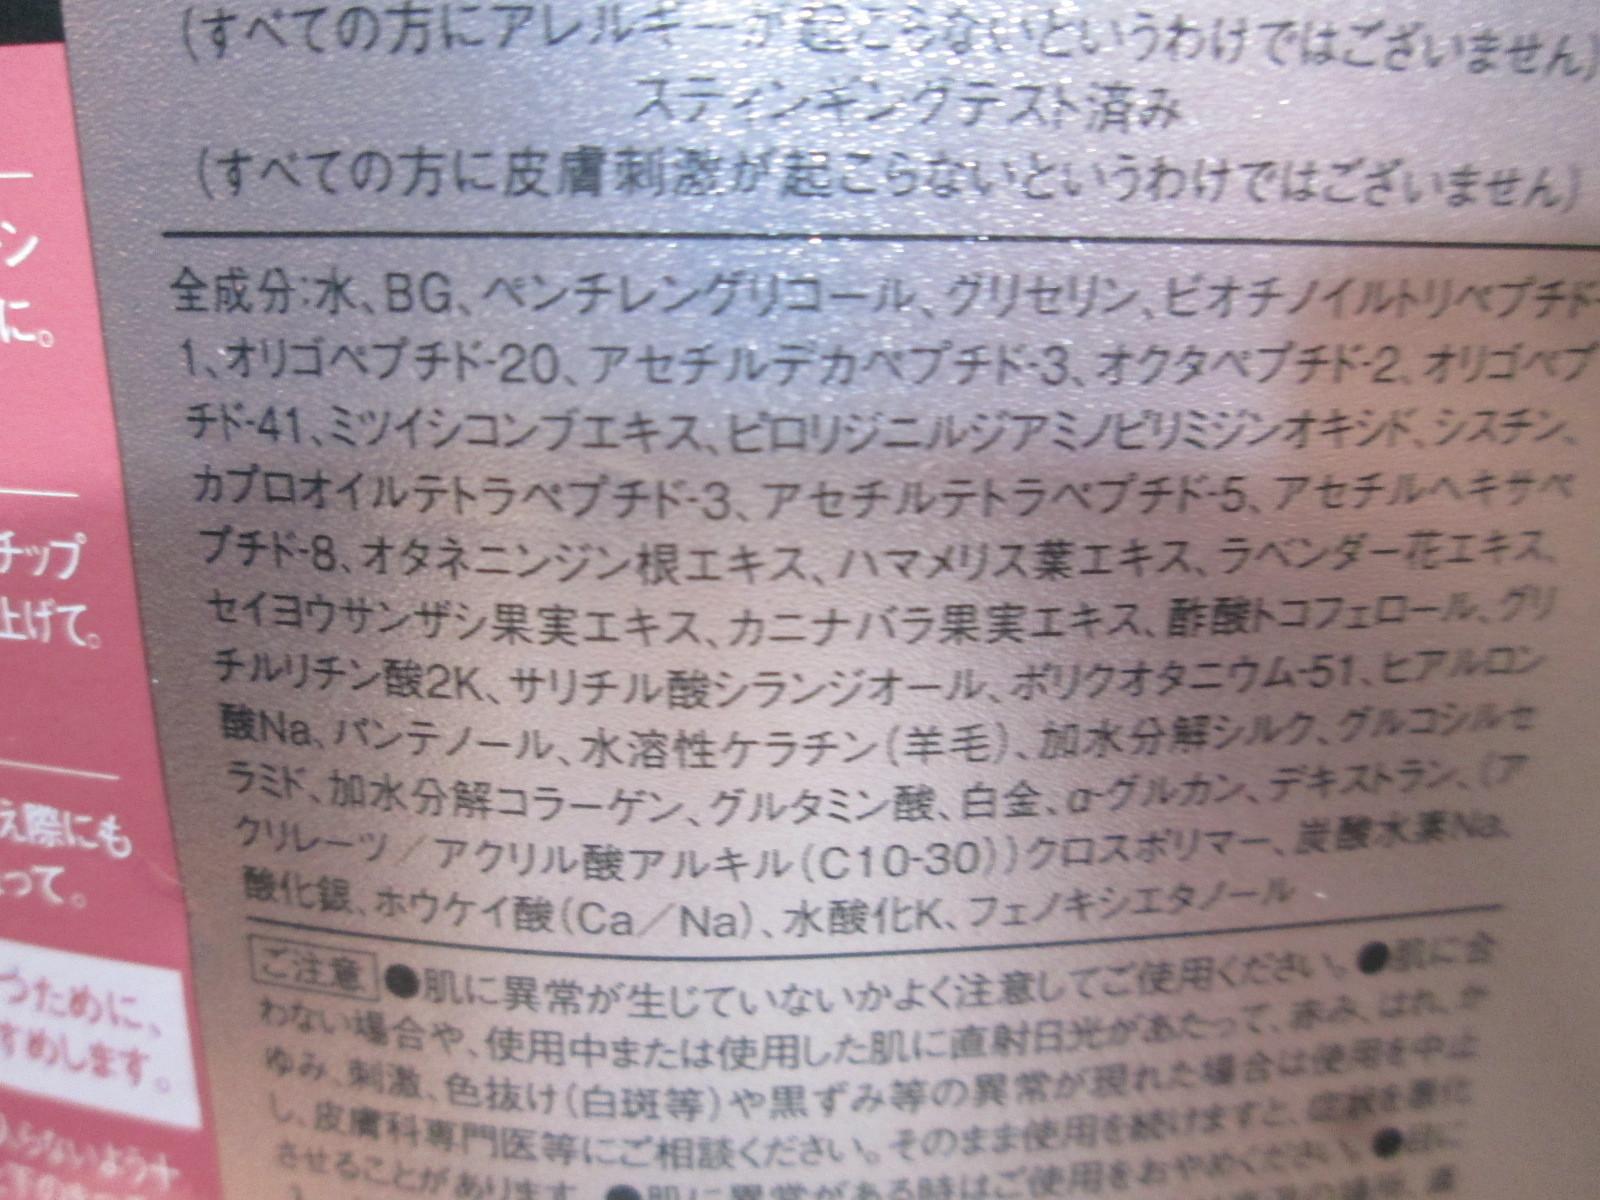 IMG_7661アイ (2)